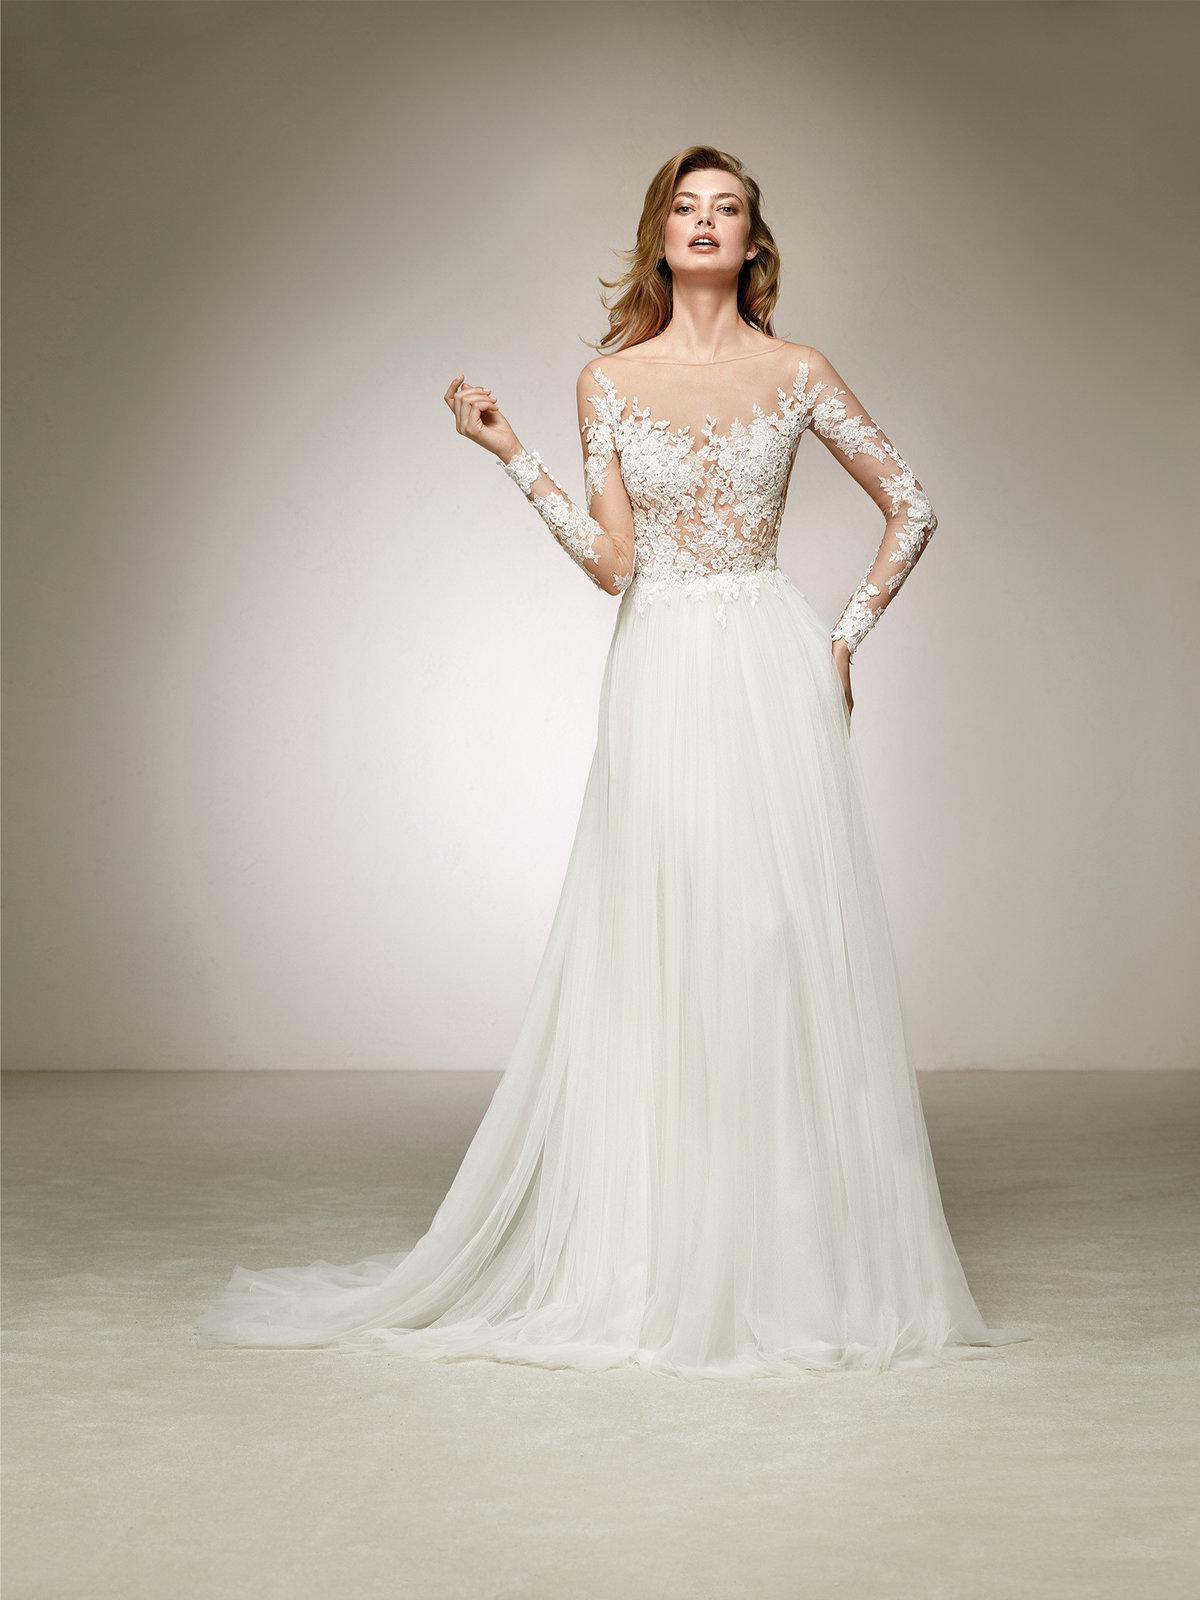 ffaad45beeeef32 ... Прокат свадебных платьев в Москве. Свадебное платье напрокат Pronovias  Datil в студии Таффета по цене